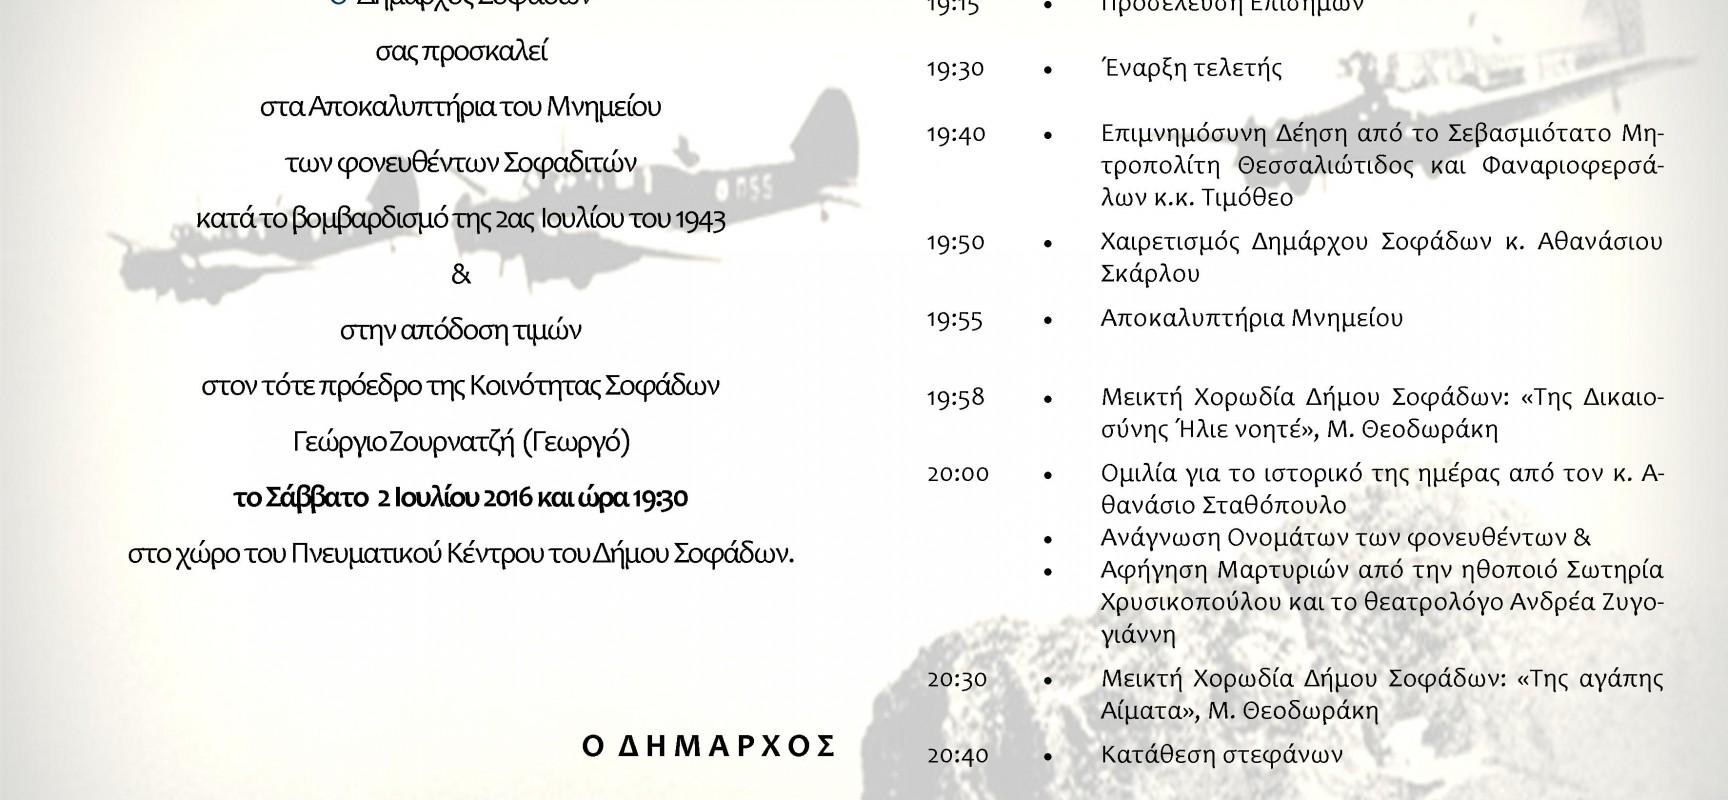 Αποκαλυπτήρια Μνημείου των Φονευθέντων Σοφαδιτών κατά τον βομβαρδισμό της 2ας Ιουλίου 1943